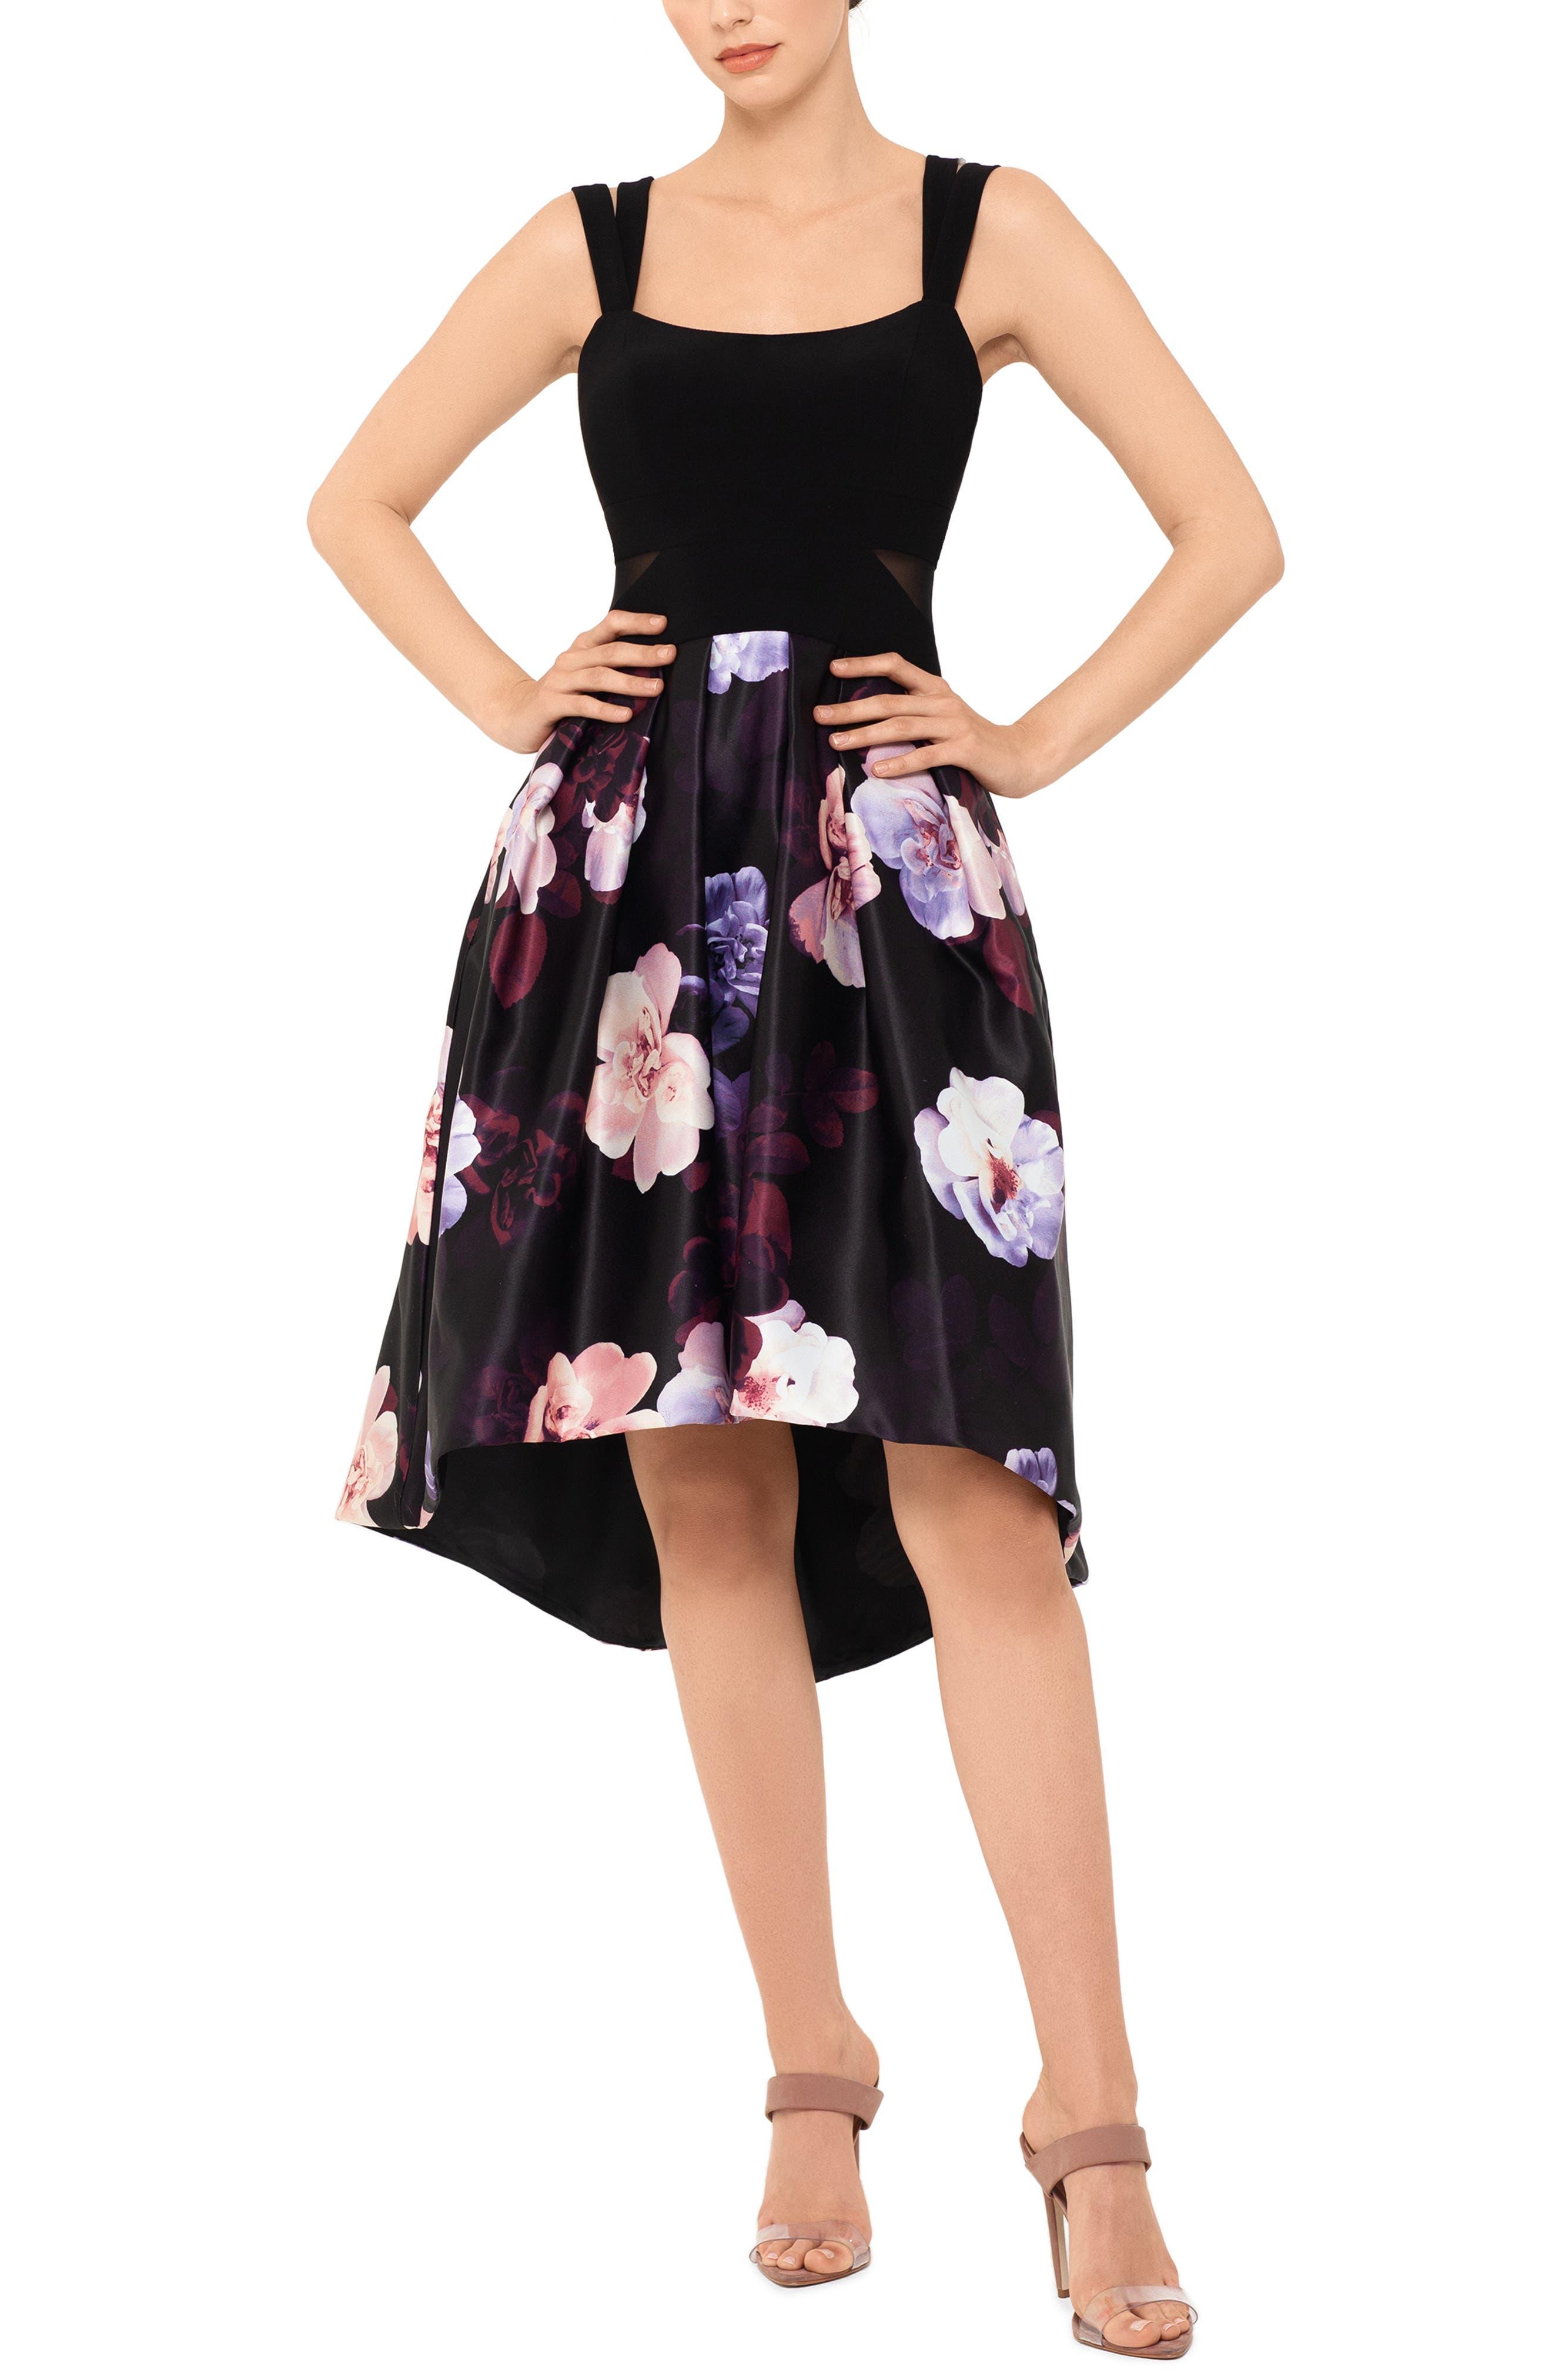 96663e22 $218 Women's Xscape Floral Double Strap High/low Cocktail Dress, Size 6 -  Black